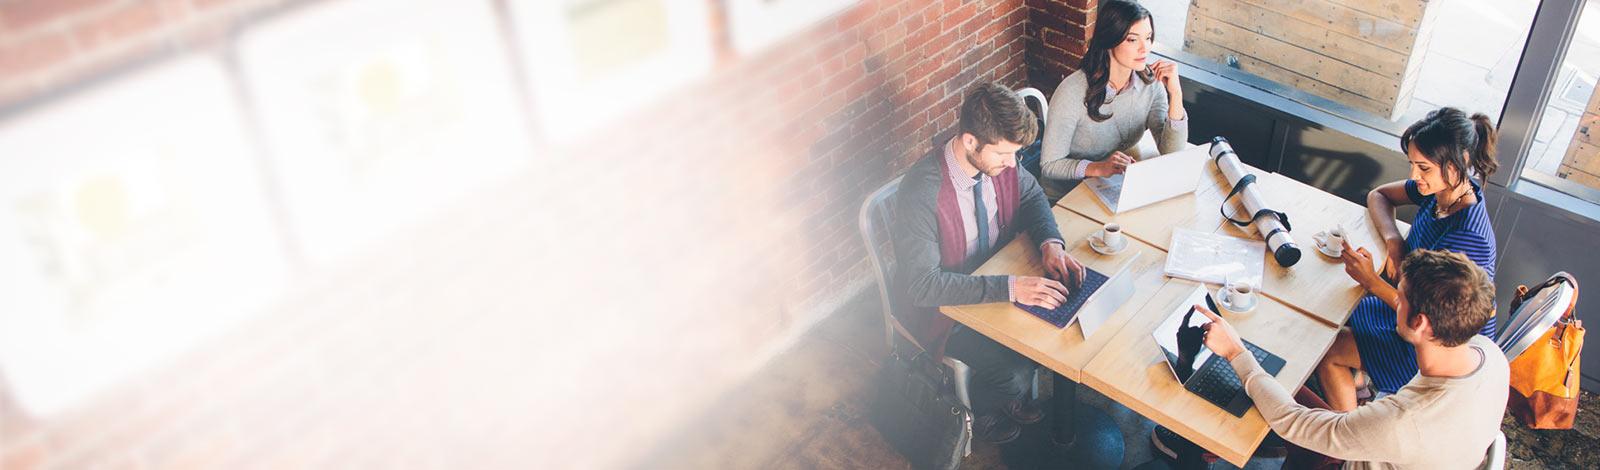 兩位男士及兩位女士坐在咖啡桌旁,一邊以平板電腦使用 Yammer,一邊喝咖啡。